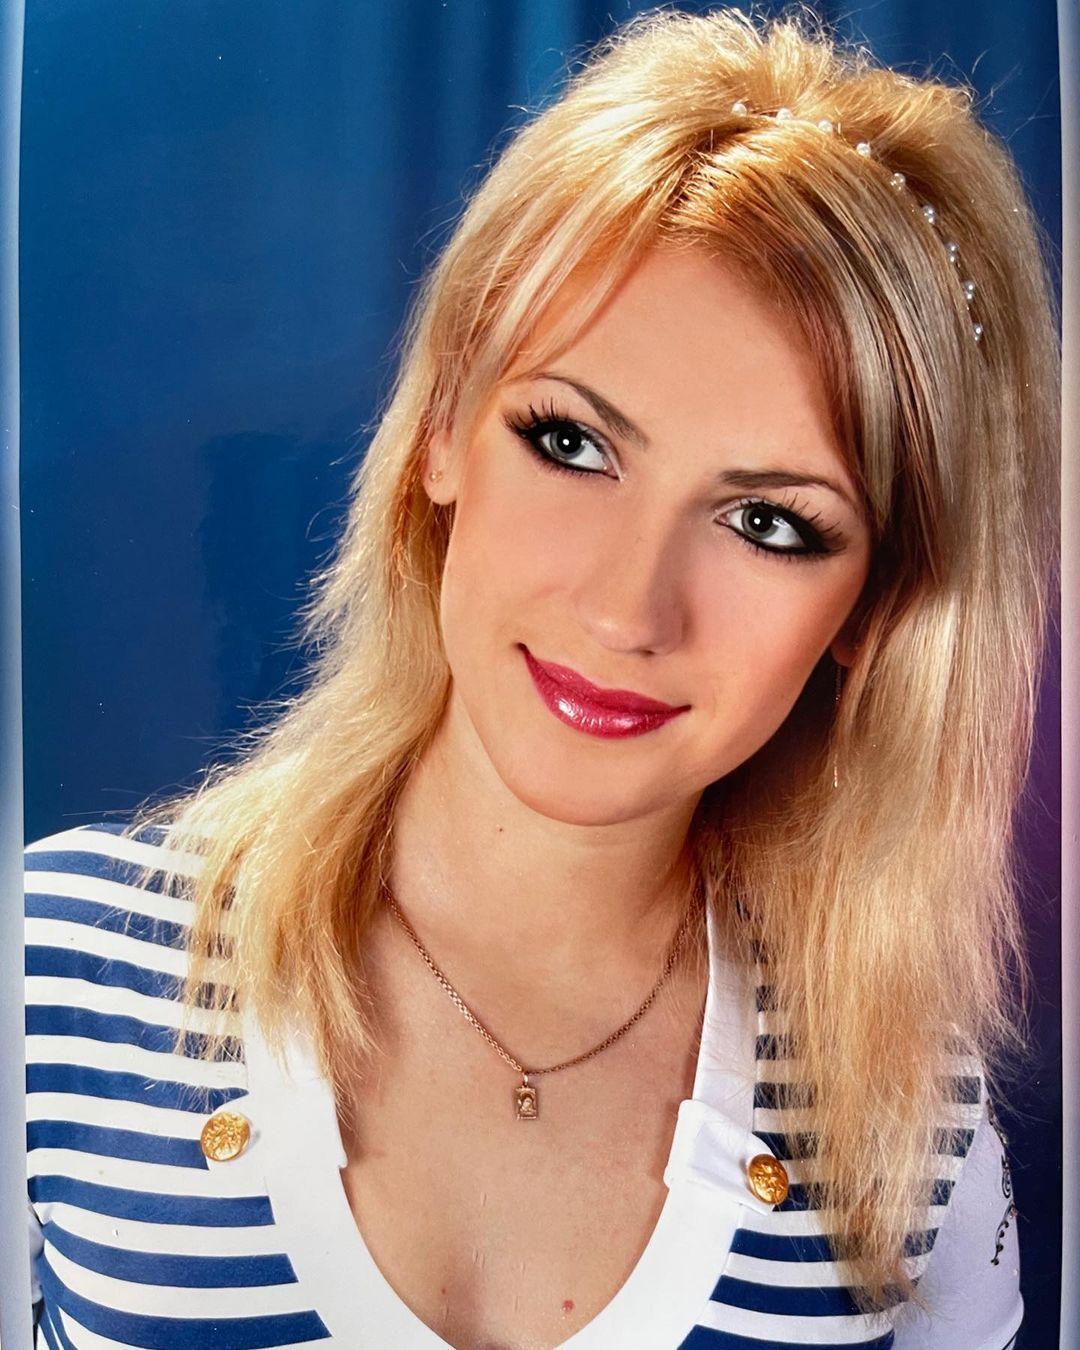 Накладні вії і мелірування: Леся Нікітюк показала себе в 18 років